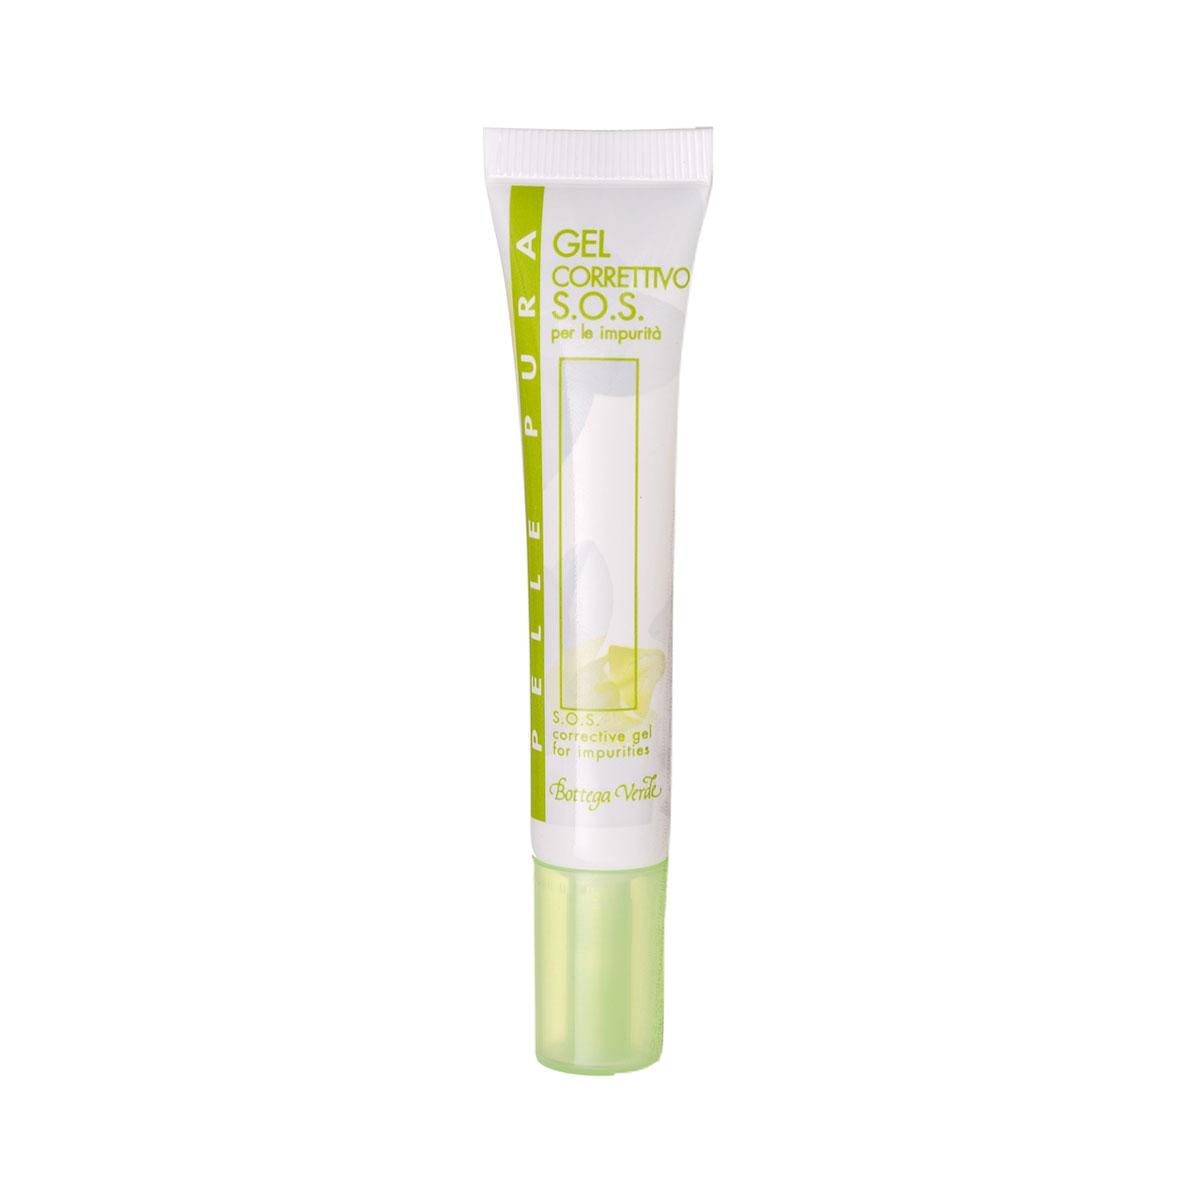 Pelle Pura - Gel correttivo S.O.S. per le impurità (15 ml)